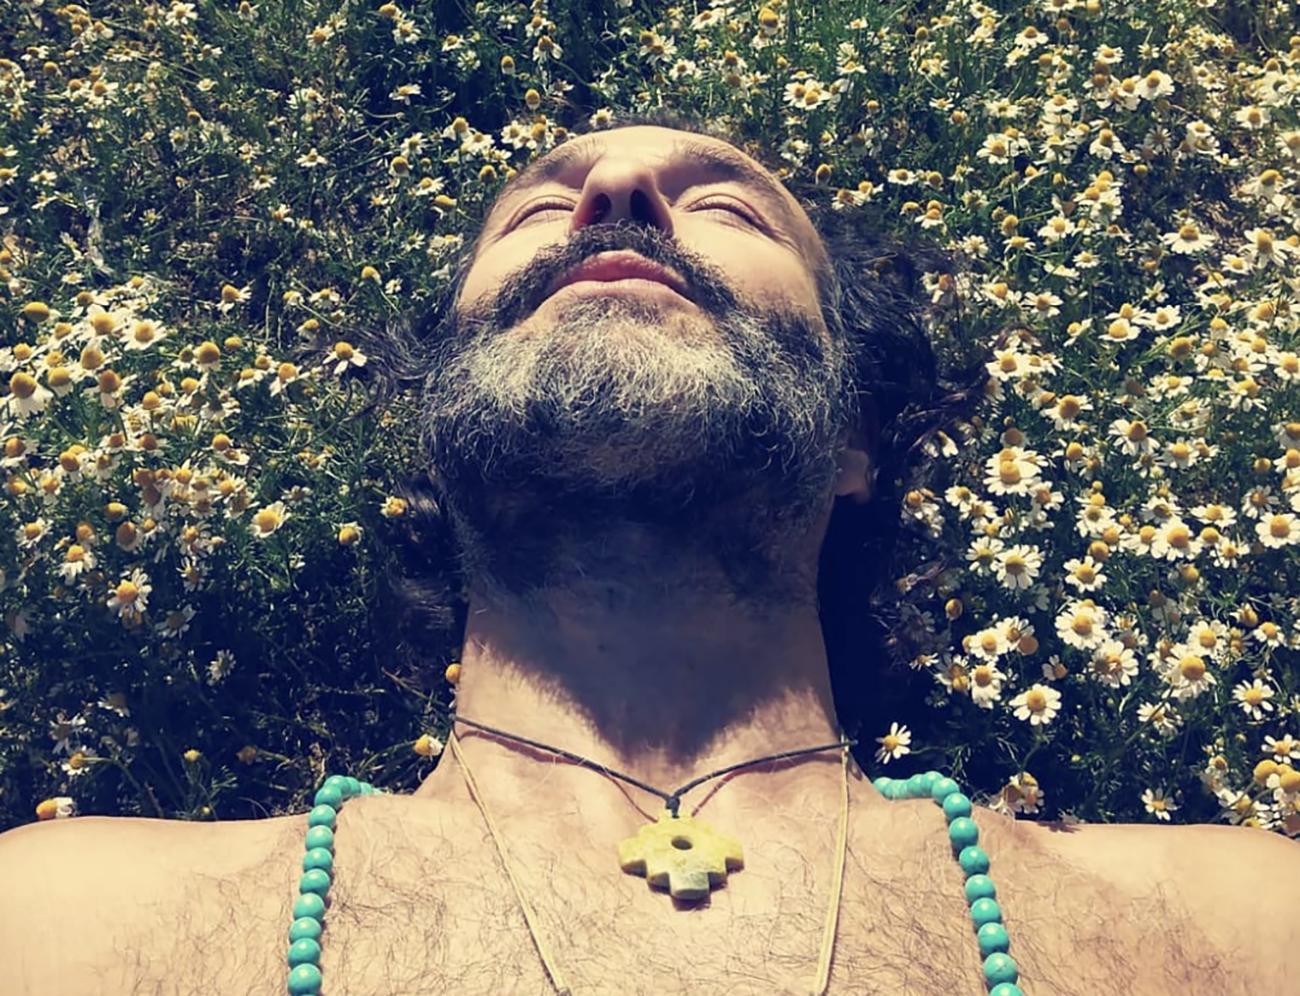 Θανάσης Ευθυμιάδης: «Είμαι 54 ετών και οι αντοχές μου στο σεξ είναι καλύτερες από ποτέ»